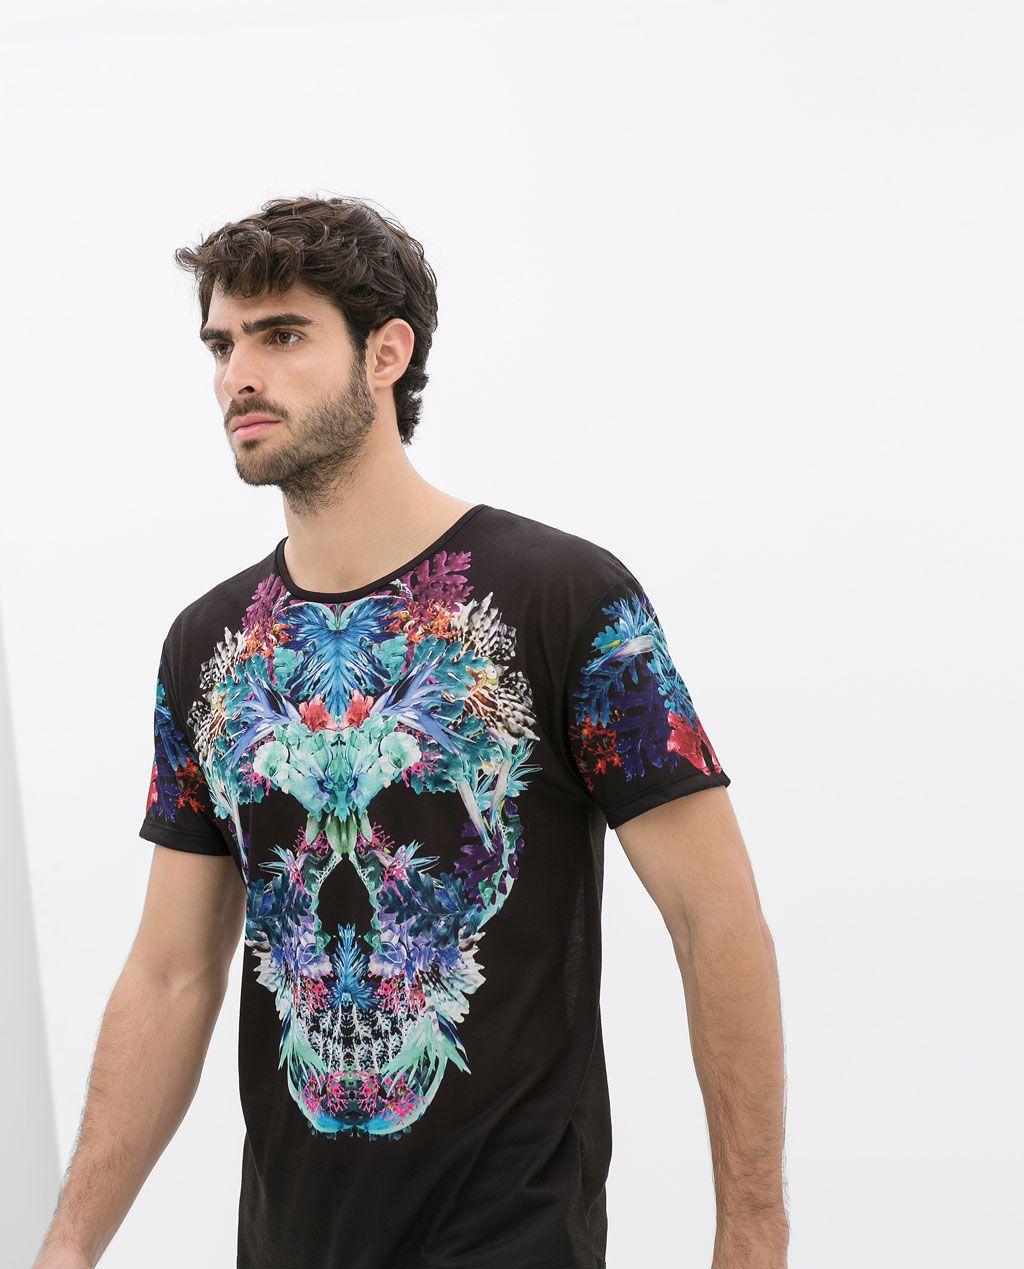 2af2c1b22 ZARA - HOMBRE - CAMISETA CALAVERA FLORES | Moda masculina que adoro ...